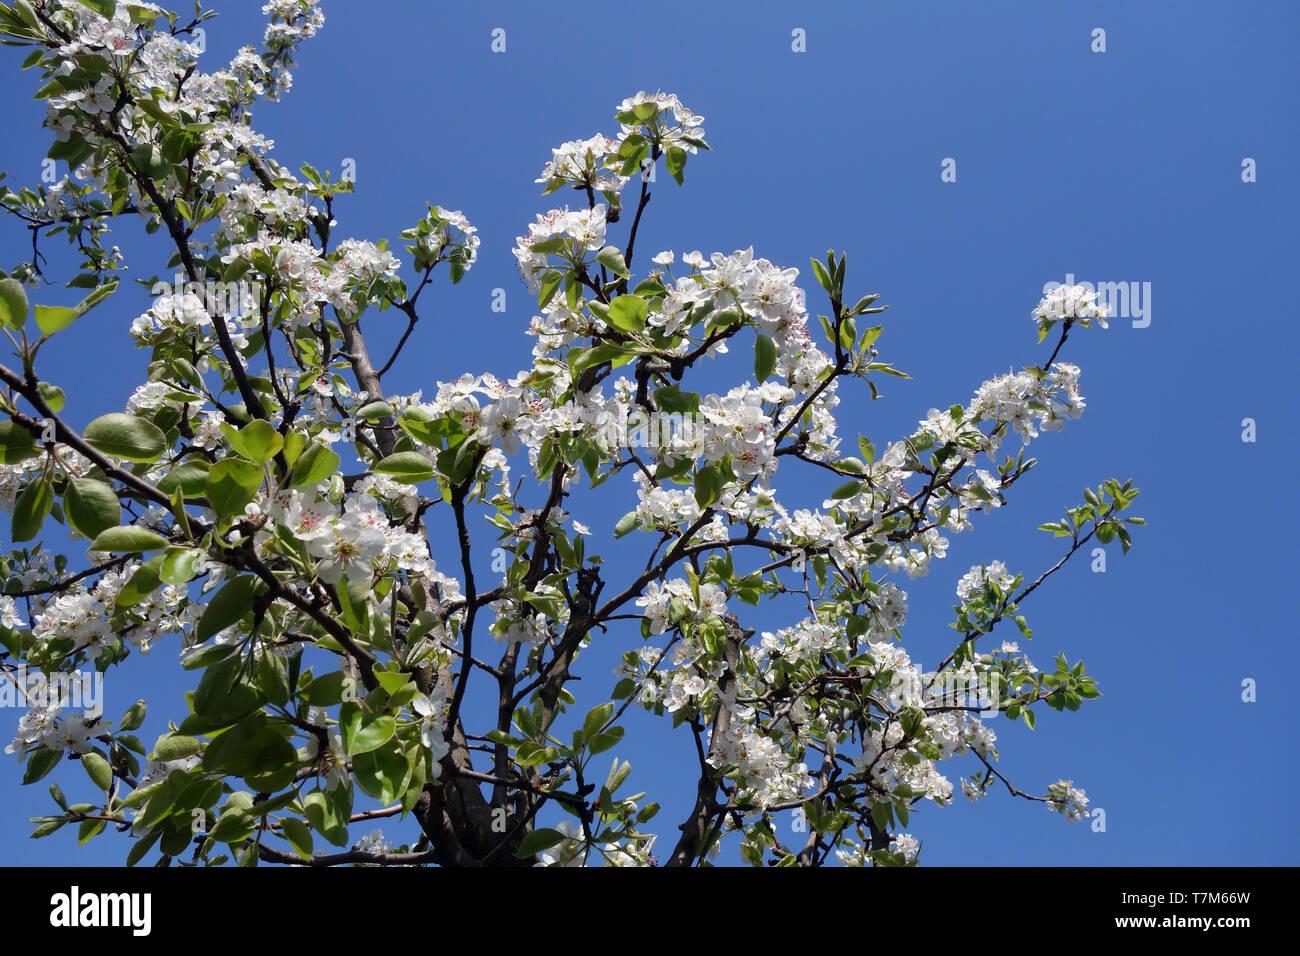 De abril de 2019, el blooming flower meses, cuando la sinfonía de colores y perfumes que disfrutamos cada día Imagen De Stock